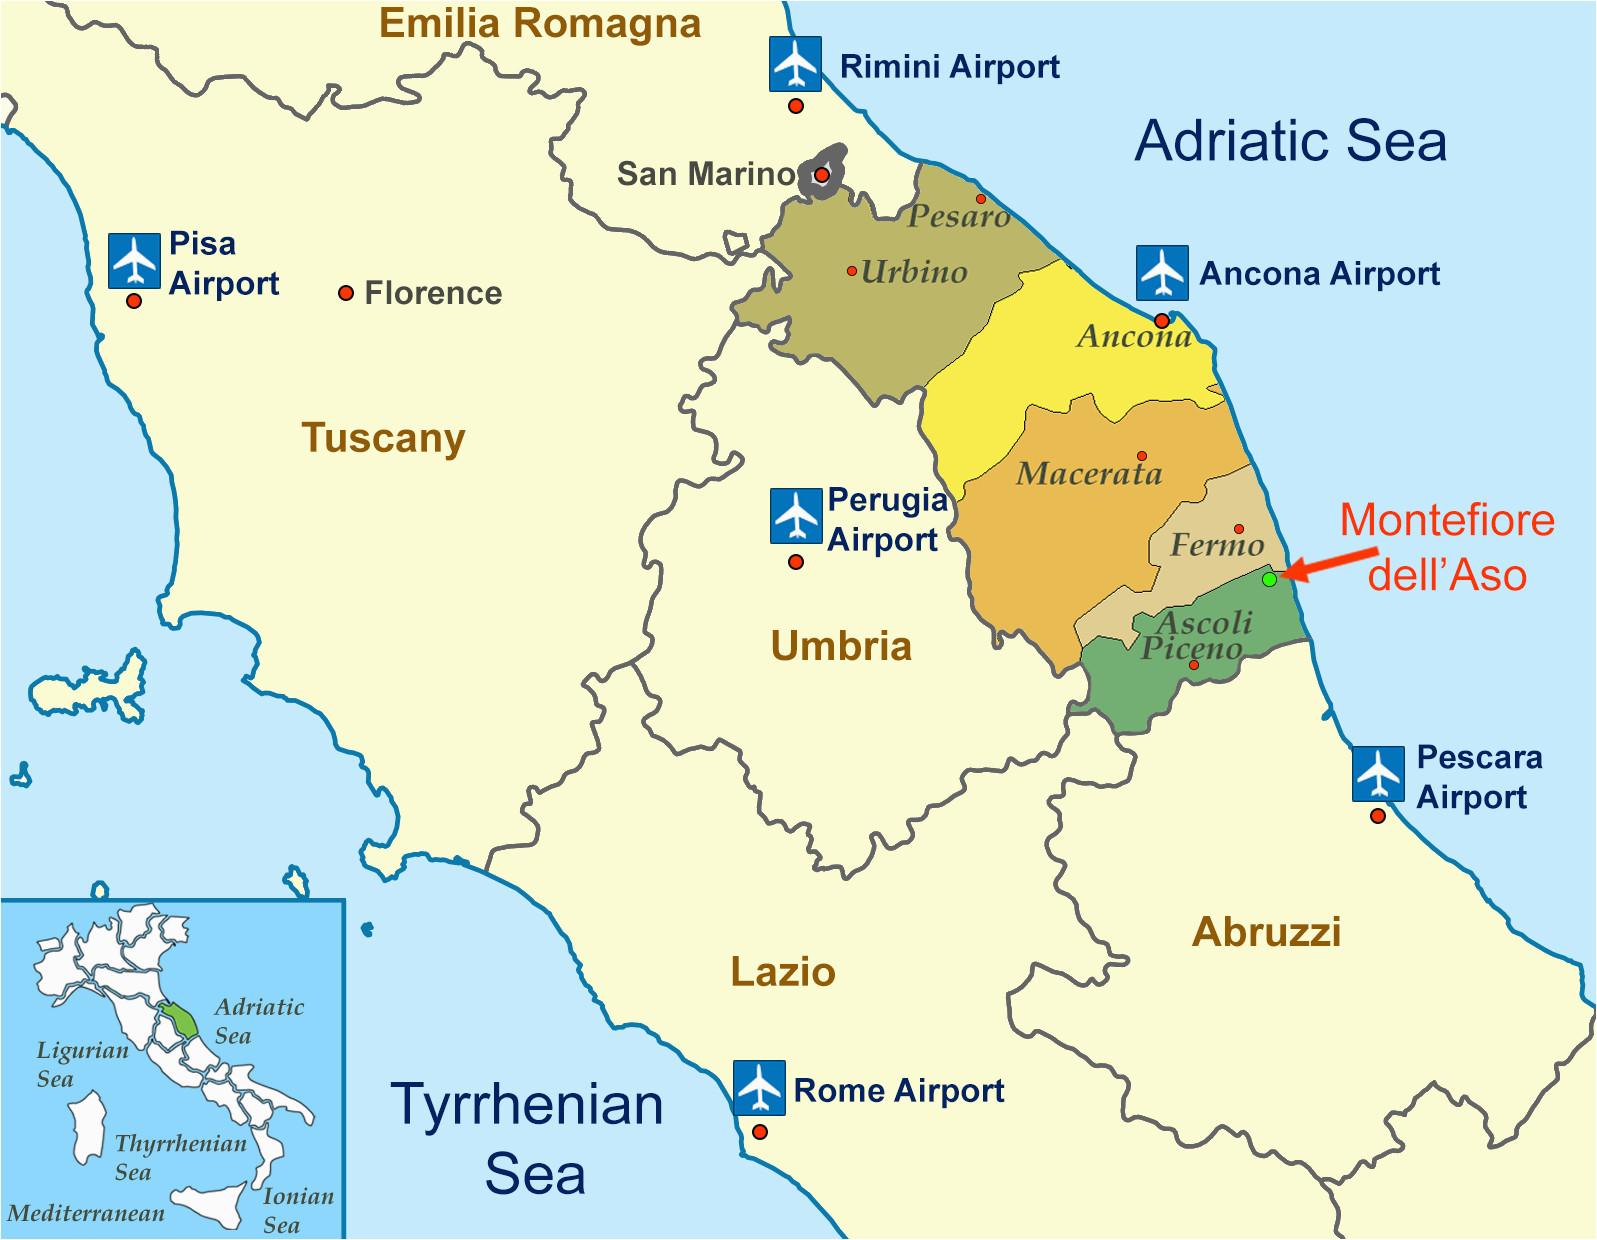 location of montefiore dell aso province ascoli piceno capital of